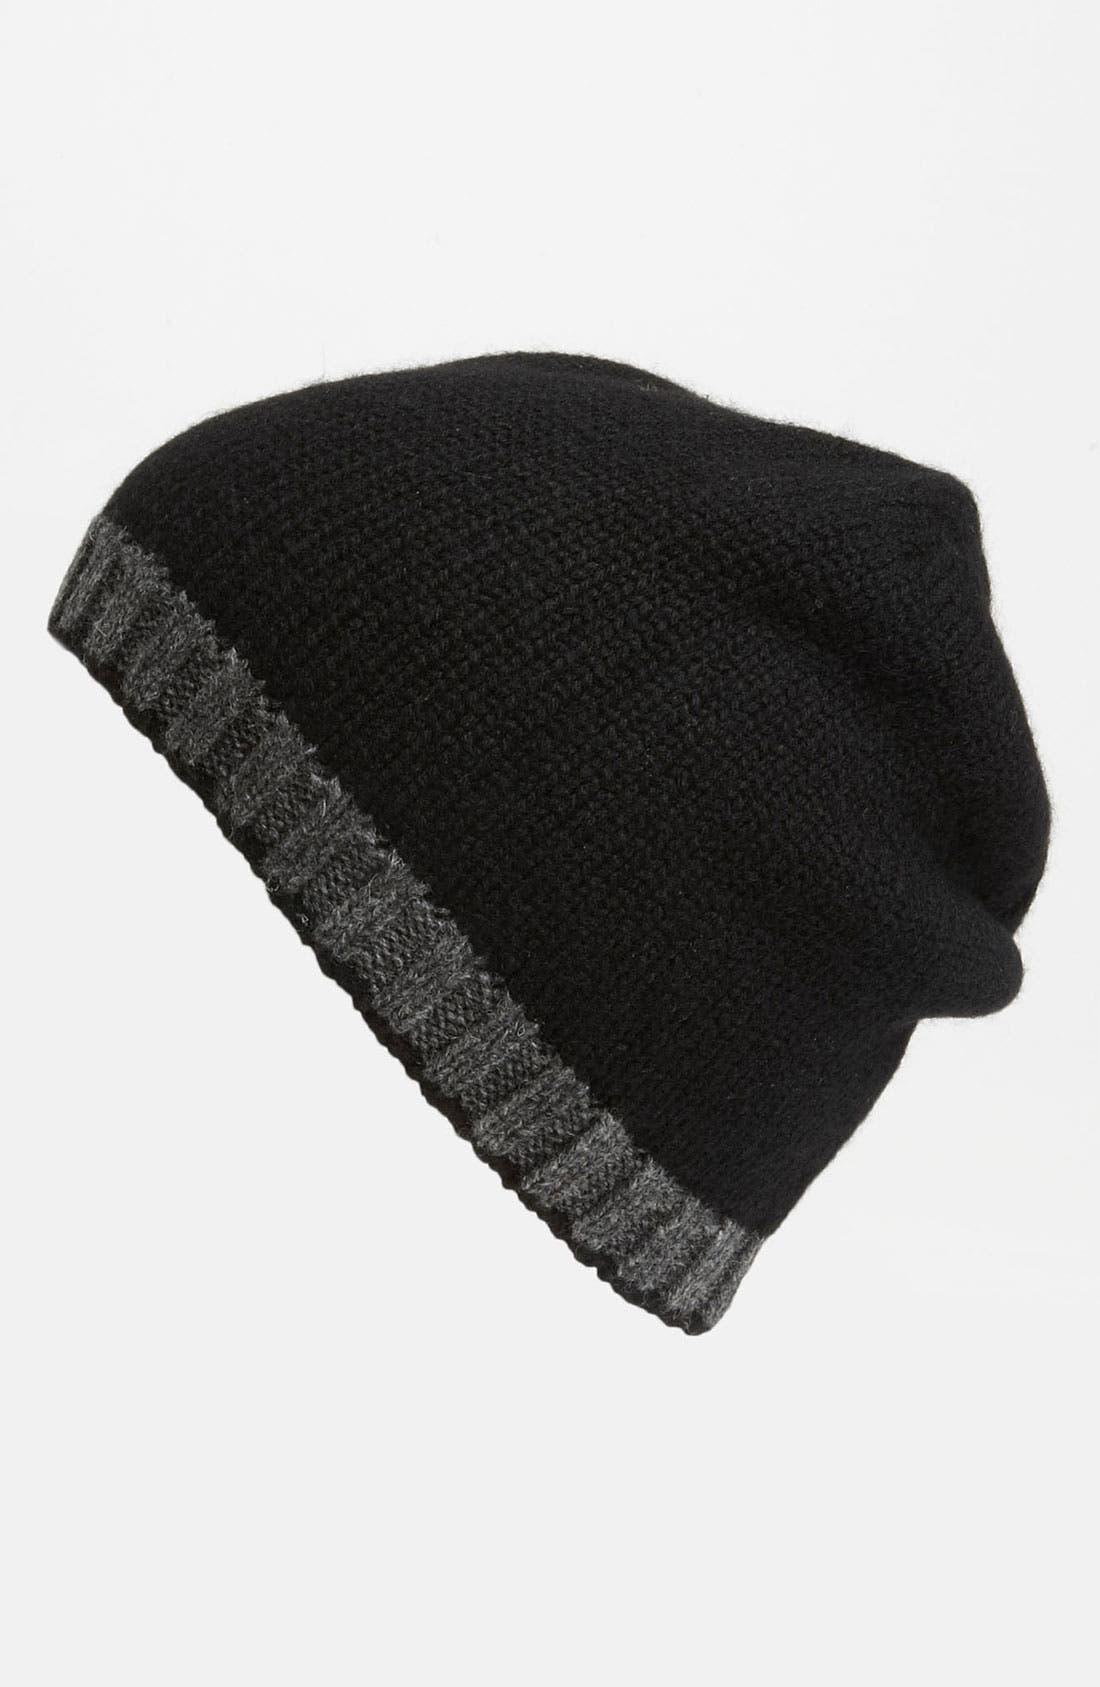 Alternate Image 1 Selected - Michael Kors Wool Beanie